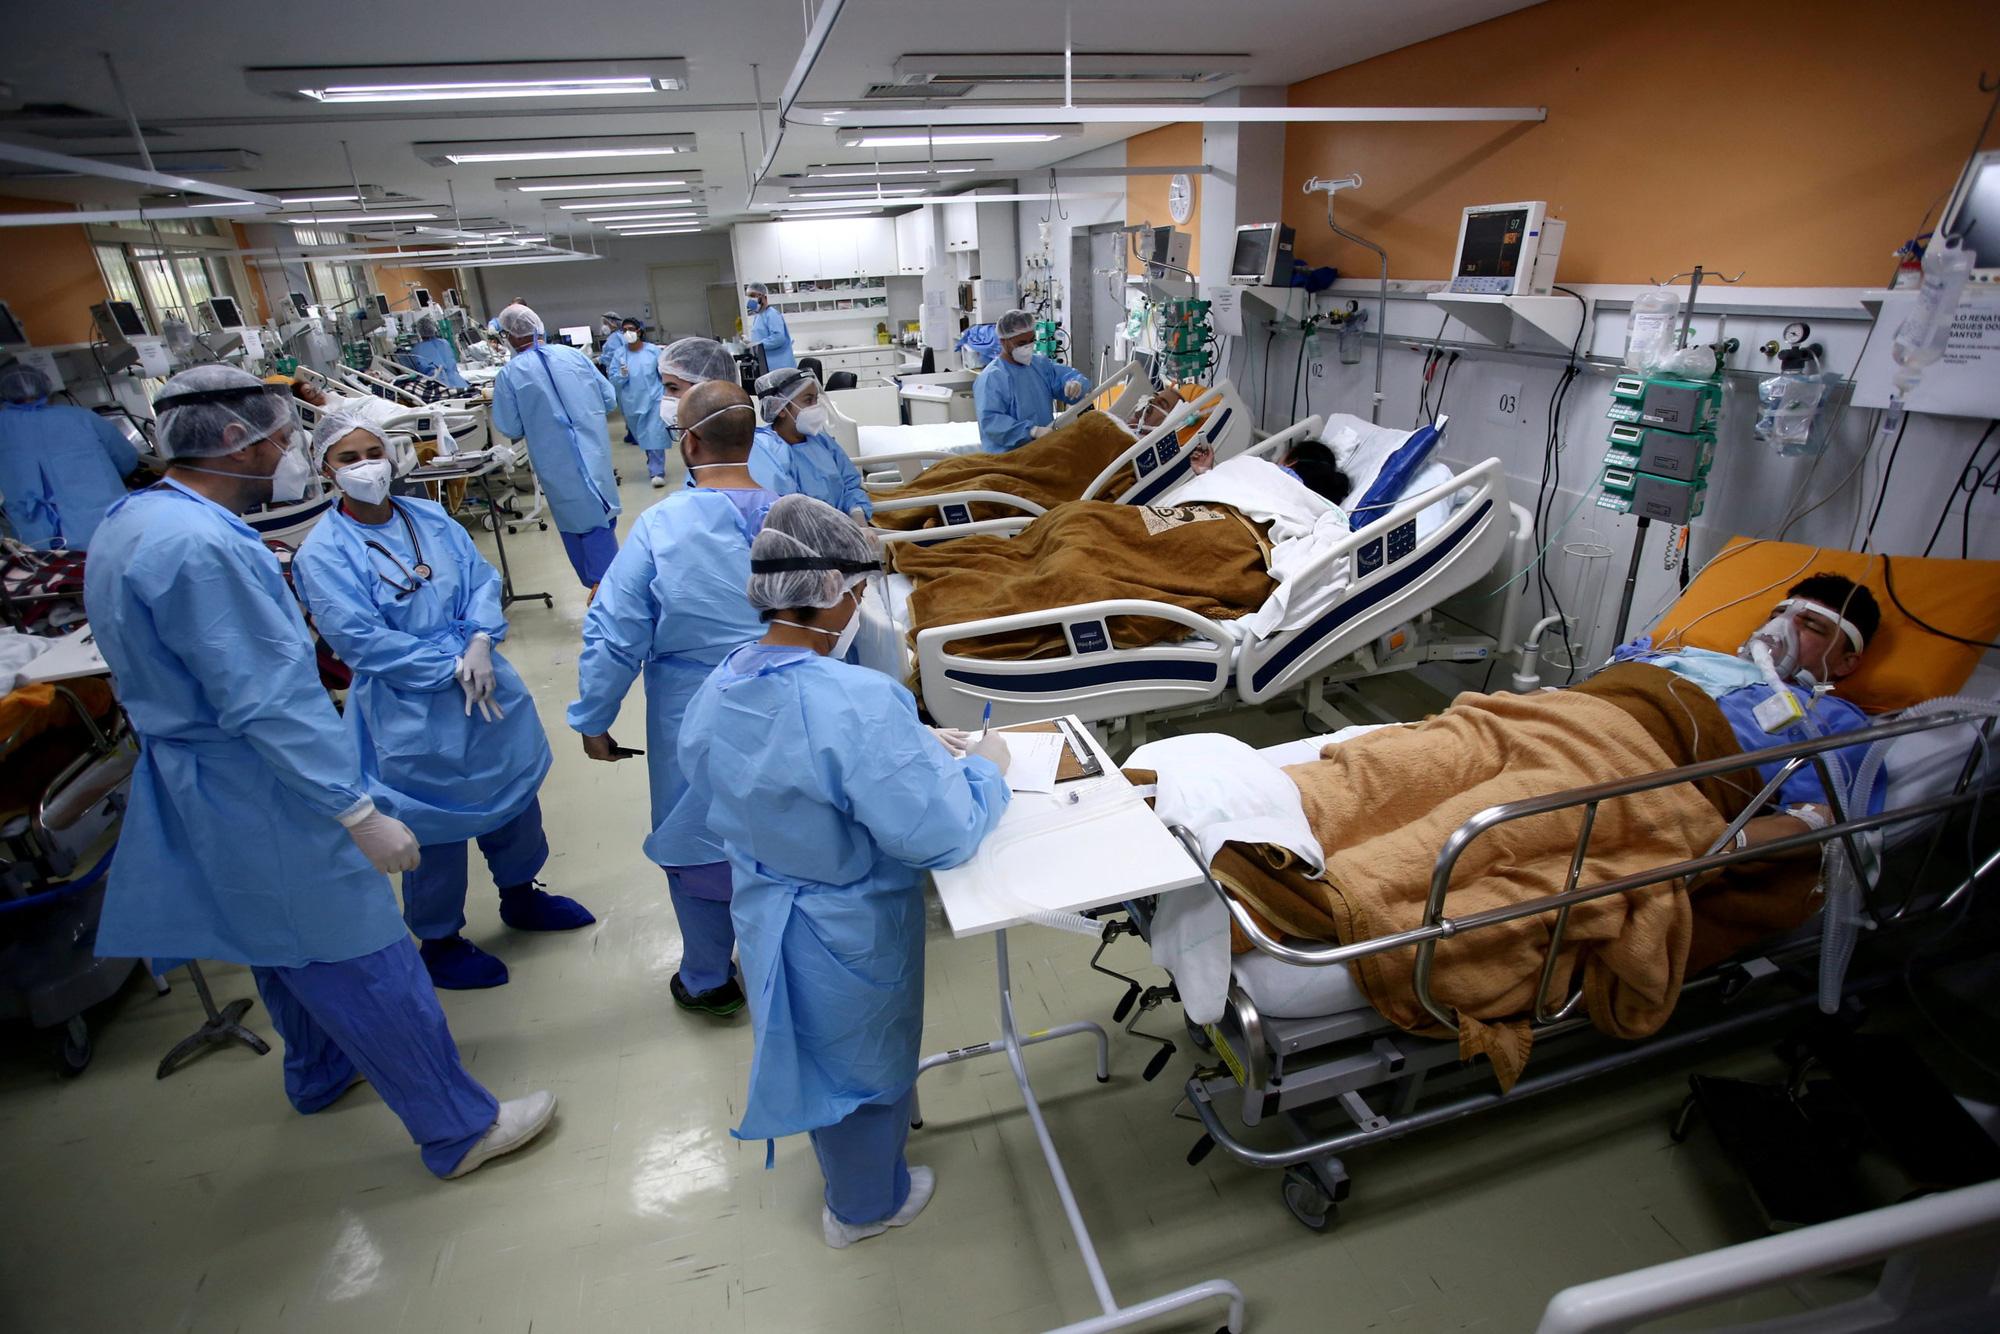 Brazil khuyến cáo phụ nữ không nên mang thai vào thời điểm này do lo ngại biến thể COVID-19 mới - Ảnh 1.